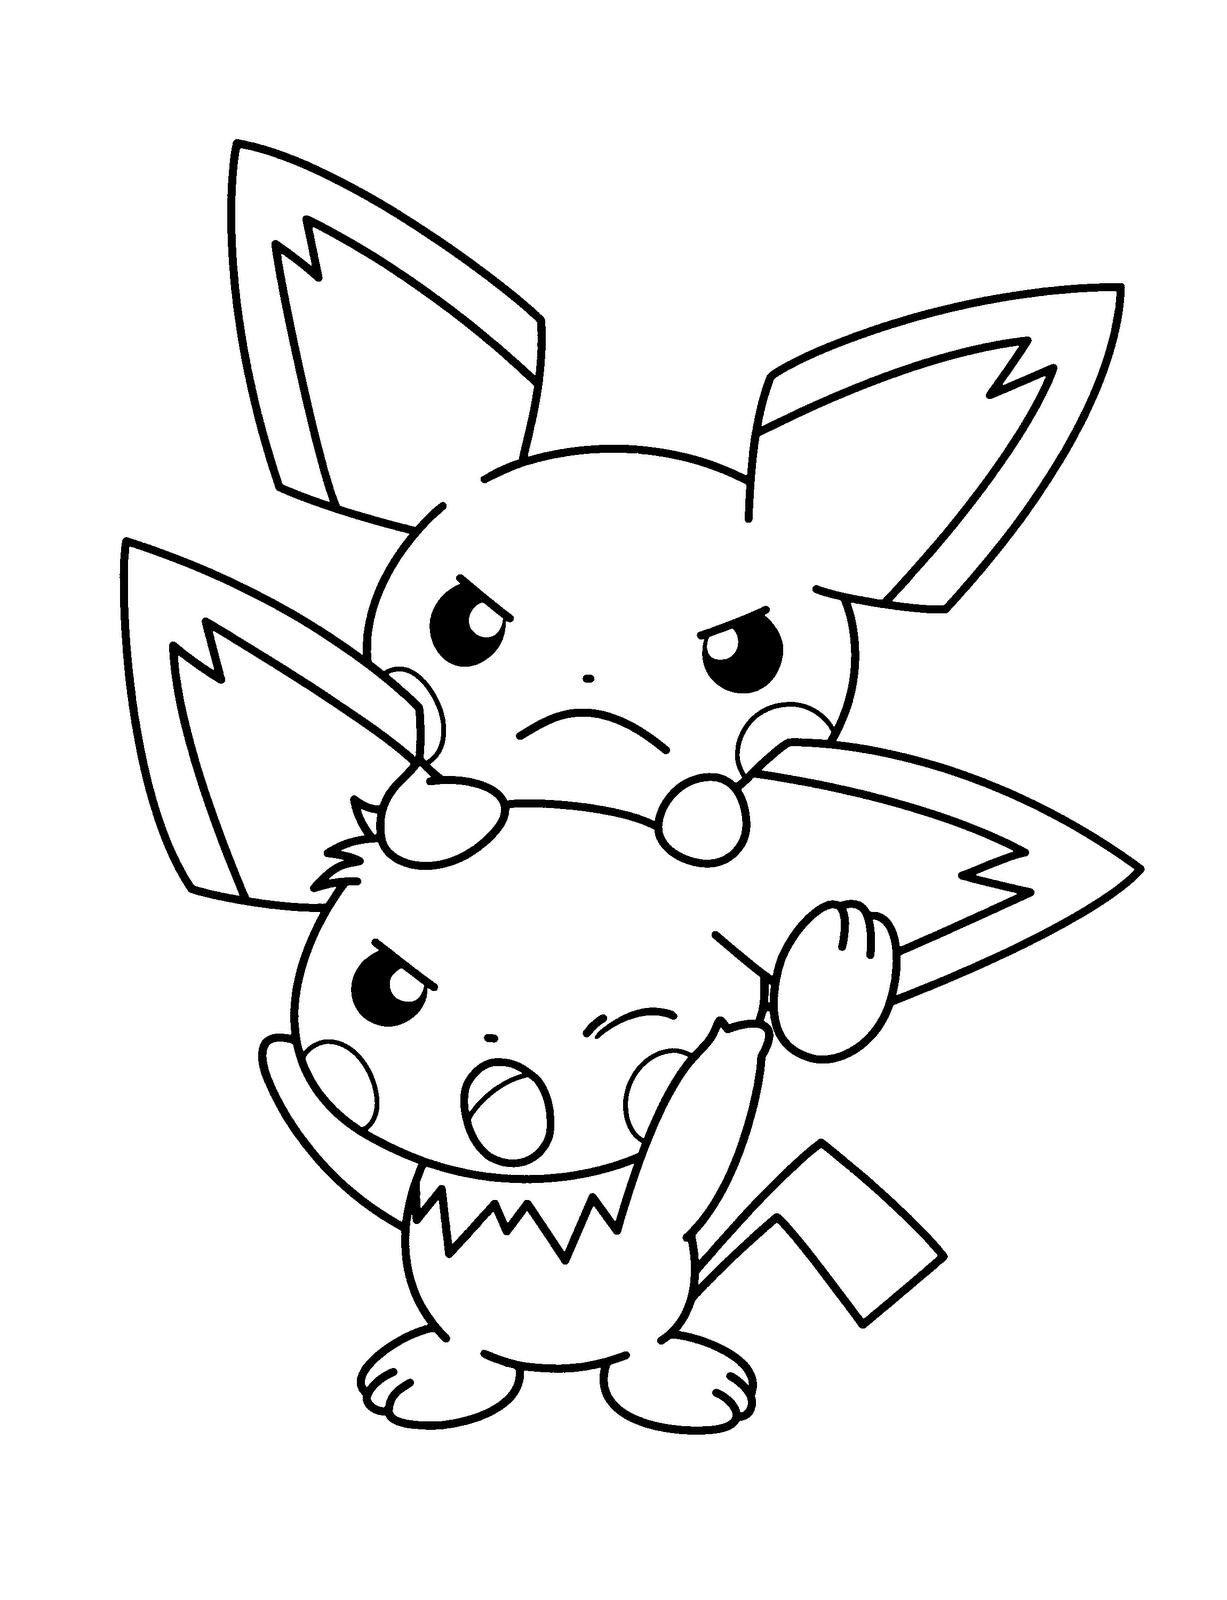 1227x1600 Pokemon Coloring Pages Pdf